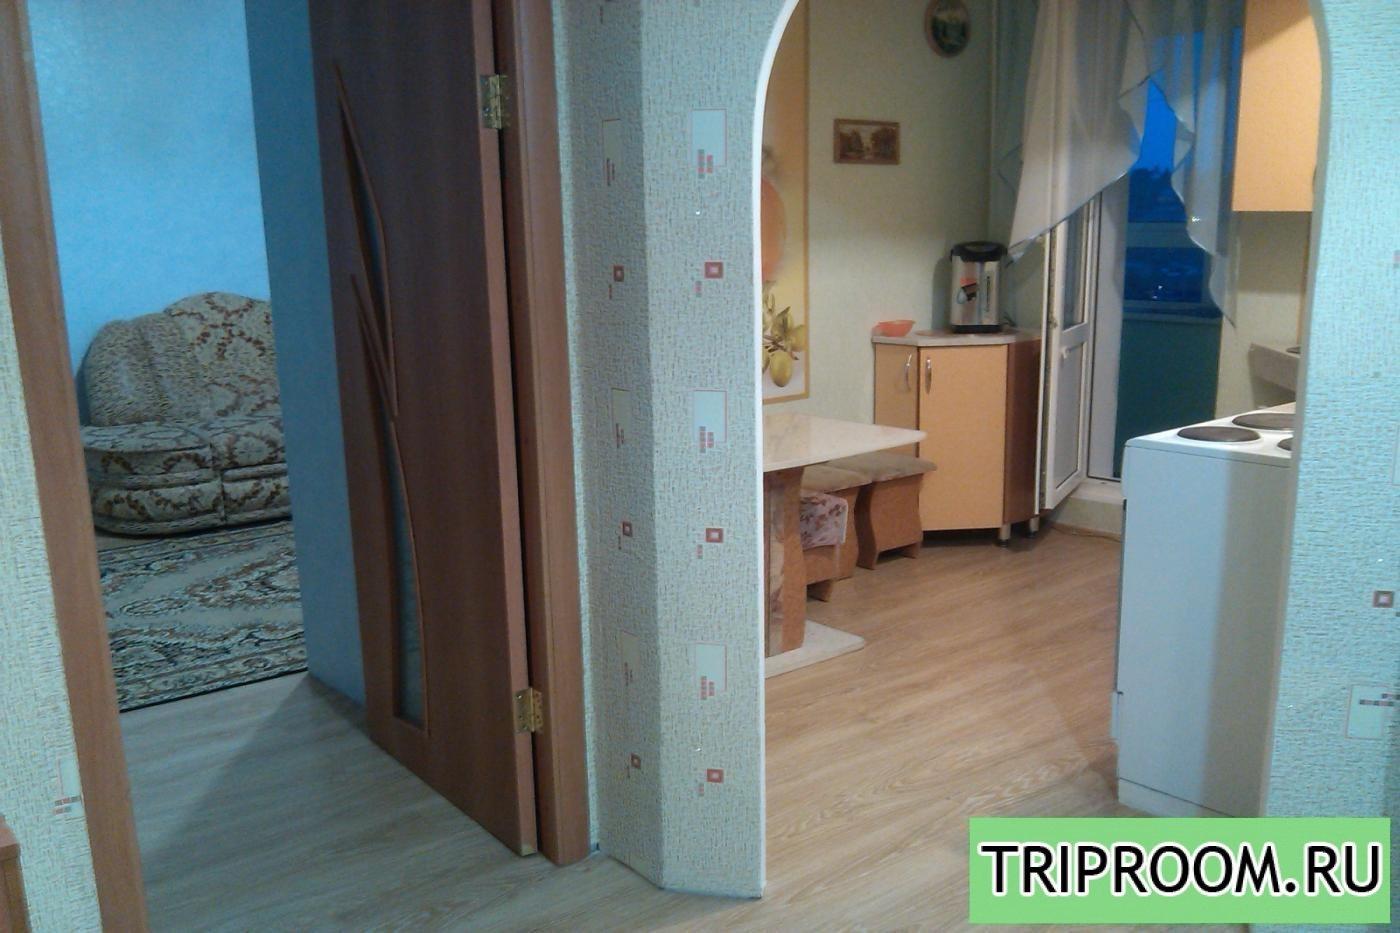 1-комнатная квартира посуточно (вариант № 9555), ул. Гоголя улица, фото № 1